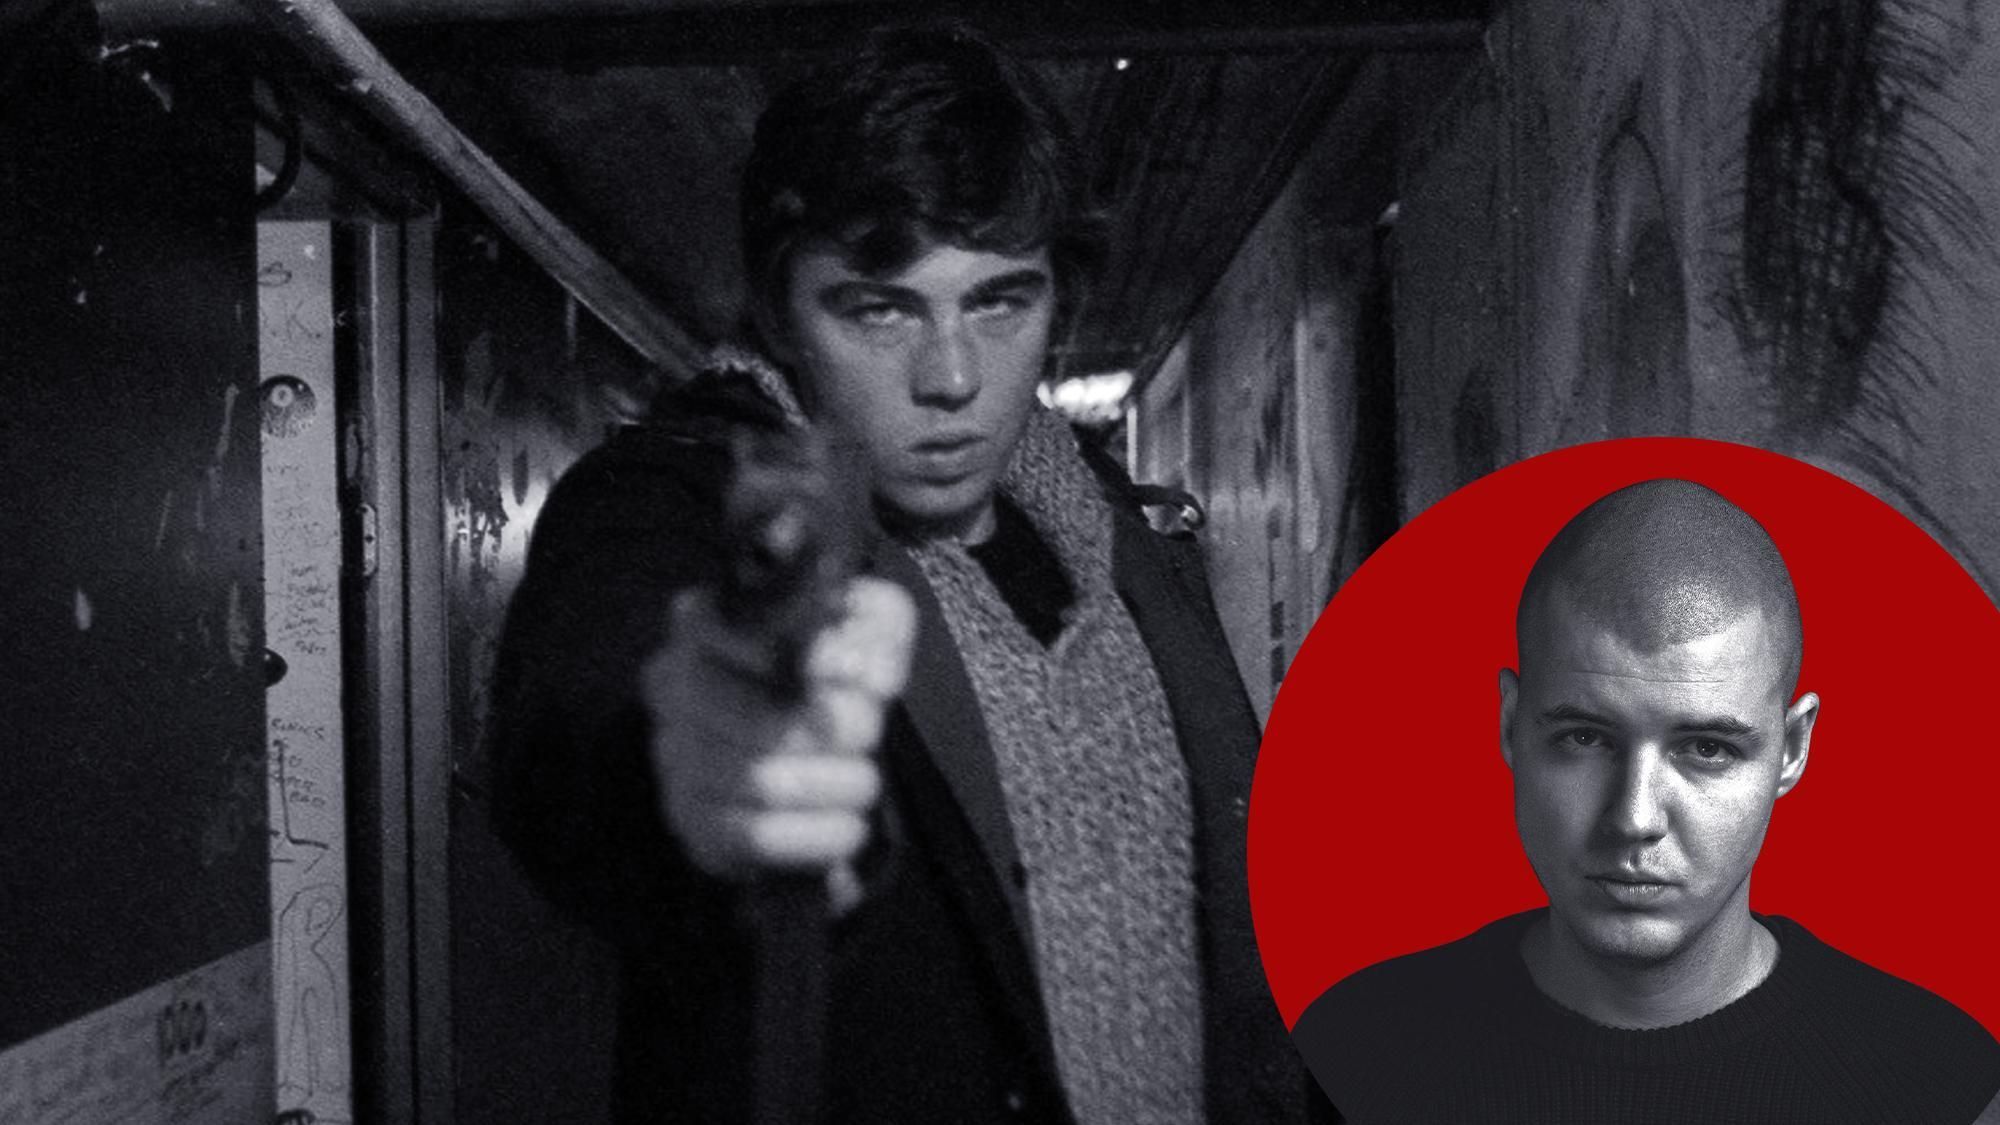 'Брату-2' — 20 лет. О чём Михаил Козырев не договаривался с Алексеем Балабановым?